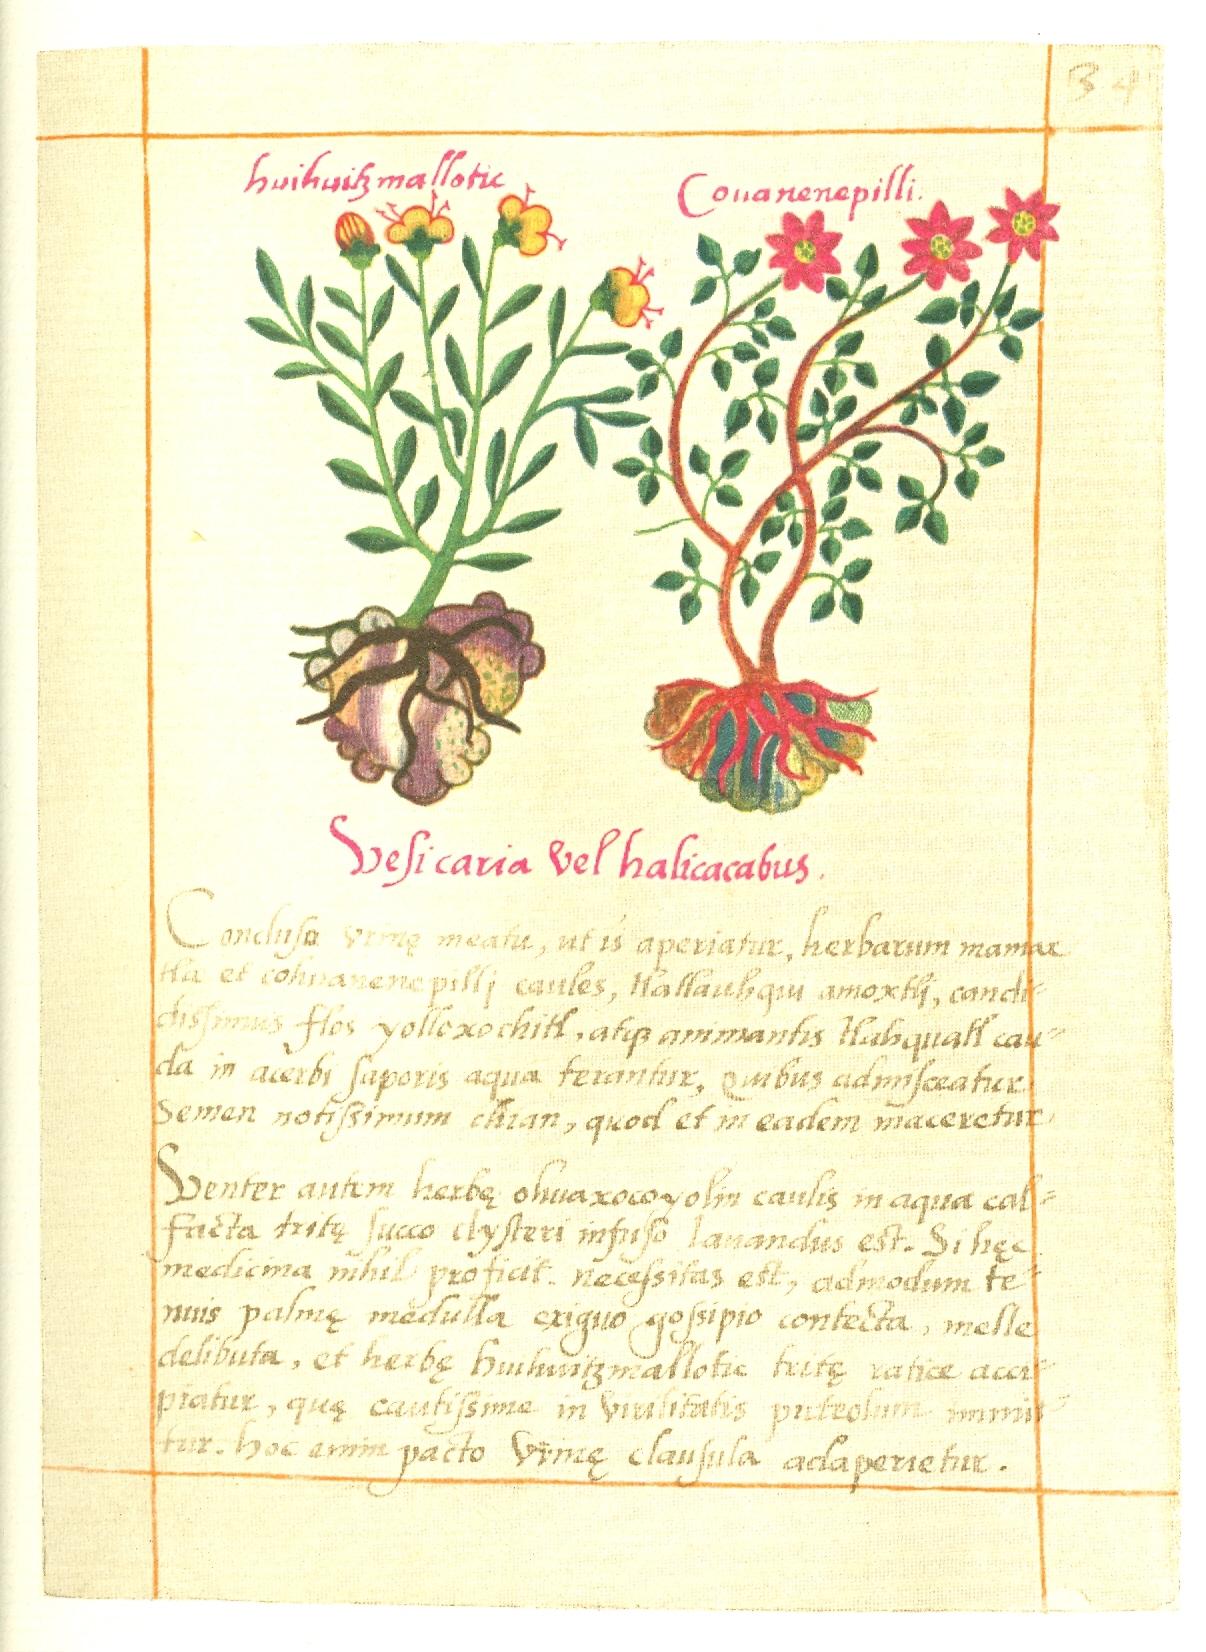 aztec medicine used today